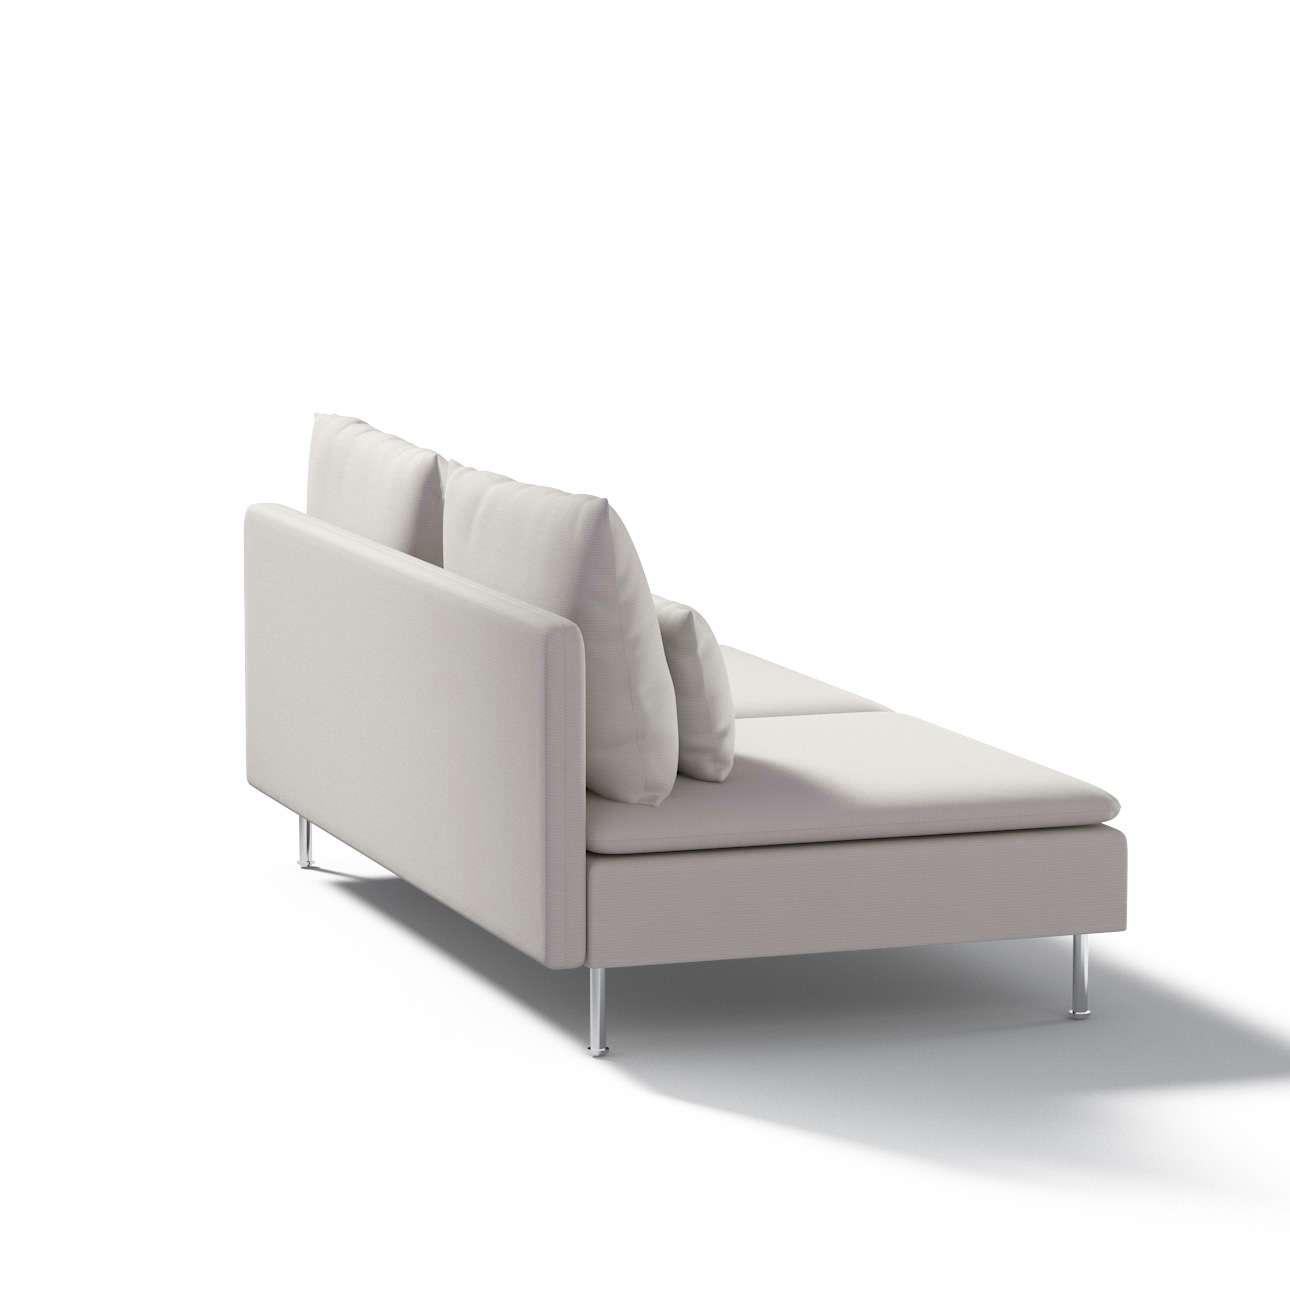 Ikea Söderhamn trivietei sofai užvalkalas Ikea Söderhamn moduliniai trivietei sofai užvalkalas kolekcijoje Cotton Panama, audinys: 702-31